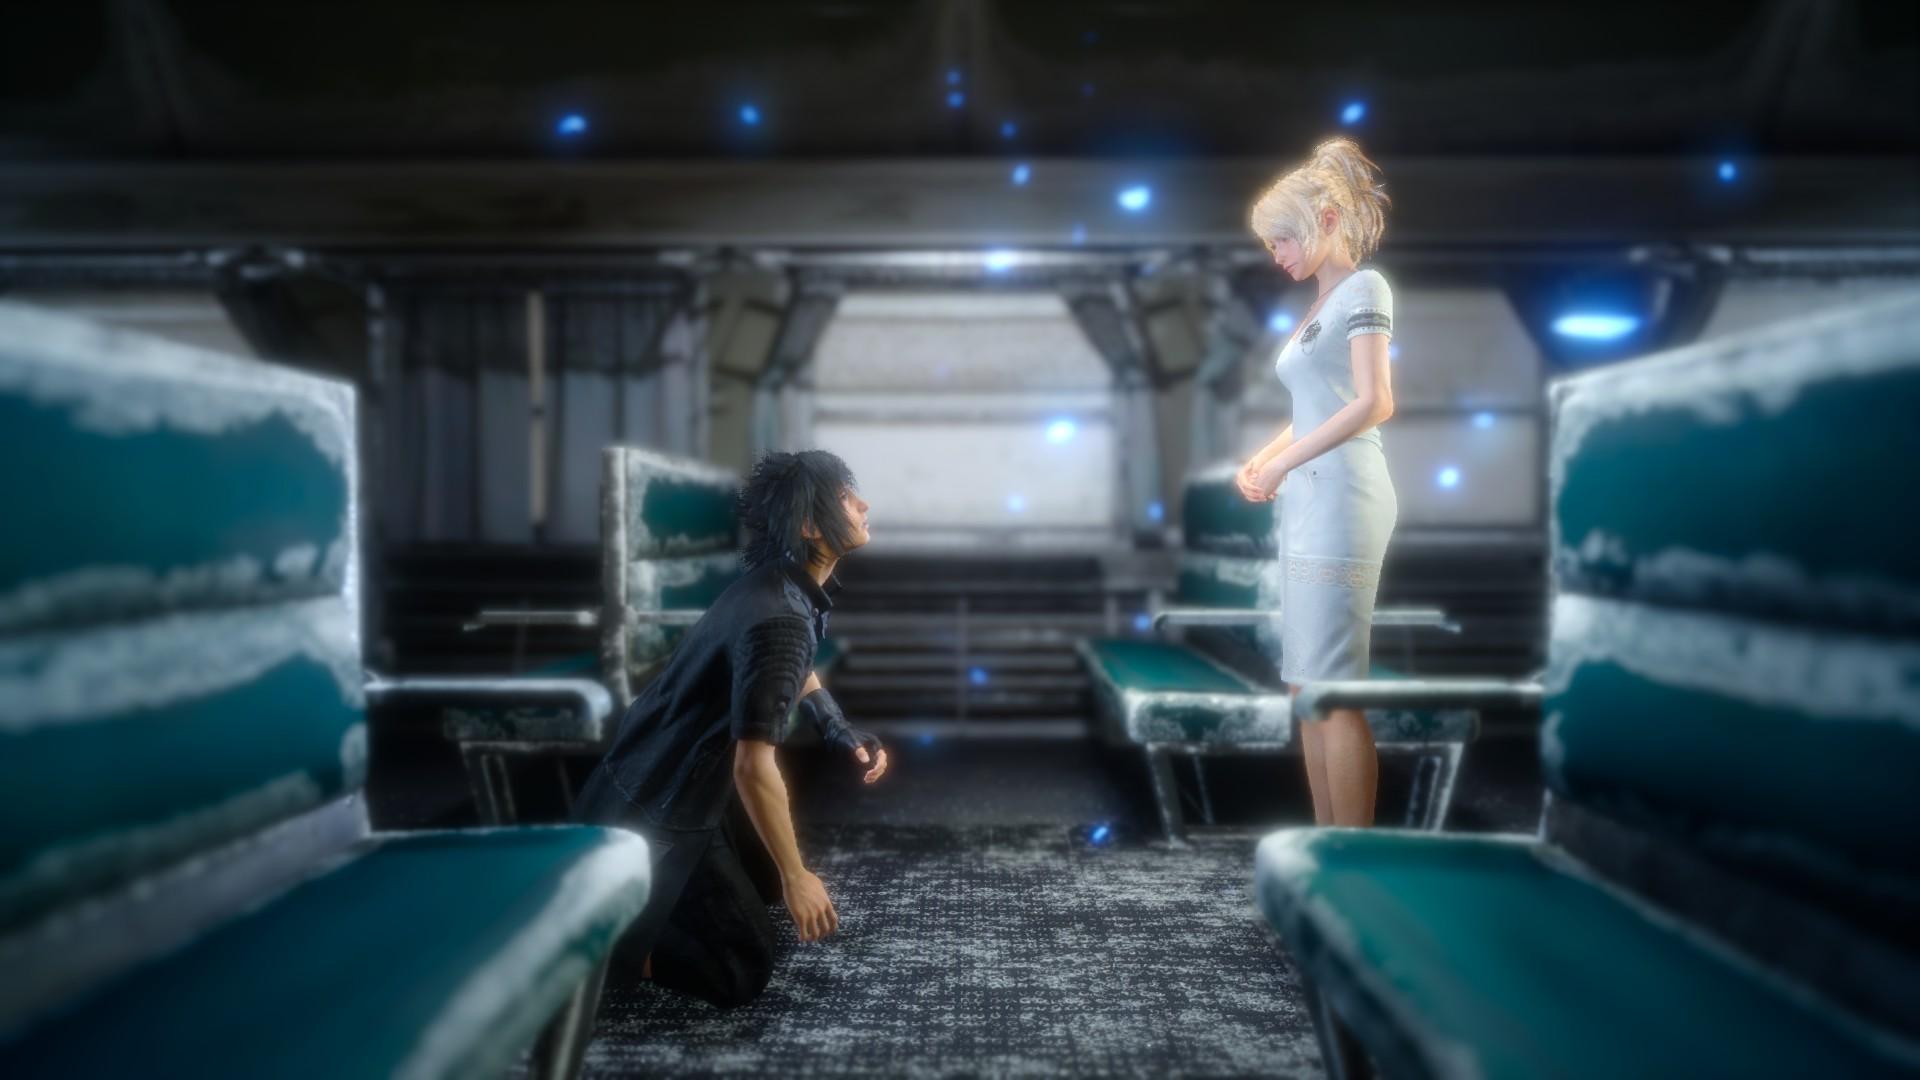 20181002132415_1.jpg - Final Fantasy 15